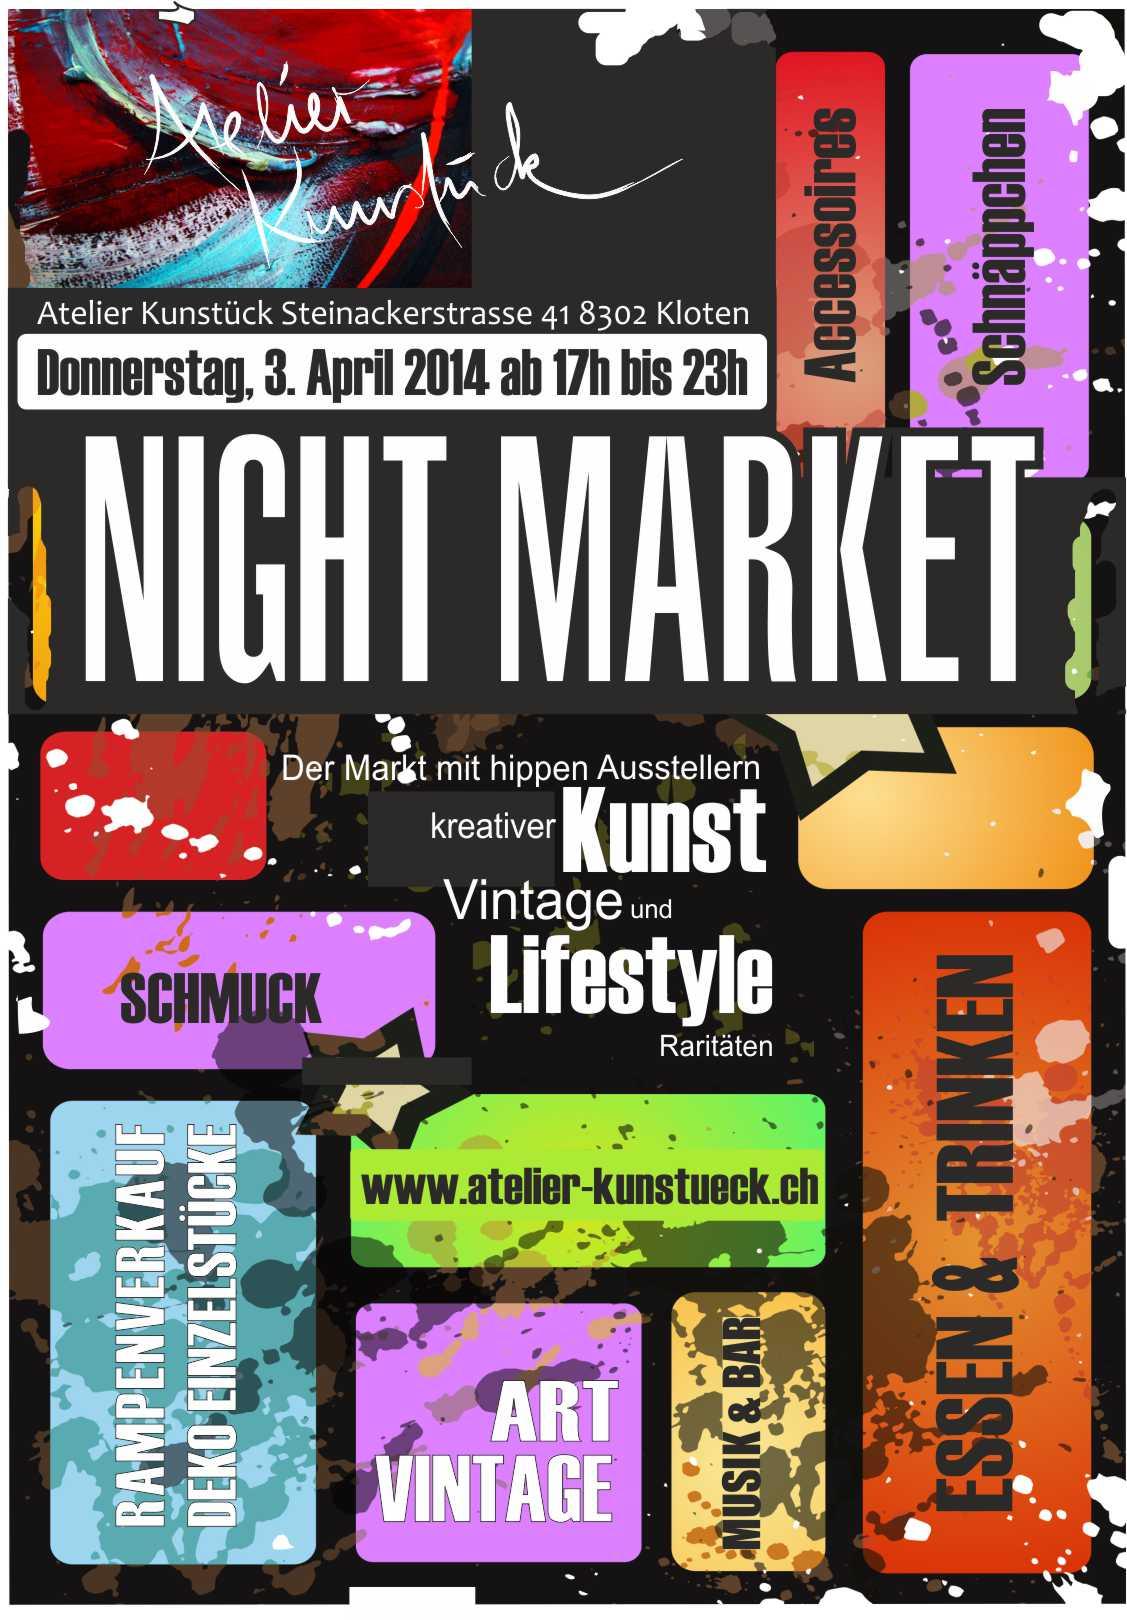 Night Market Flyer für Besucher.jpg